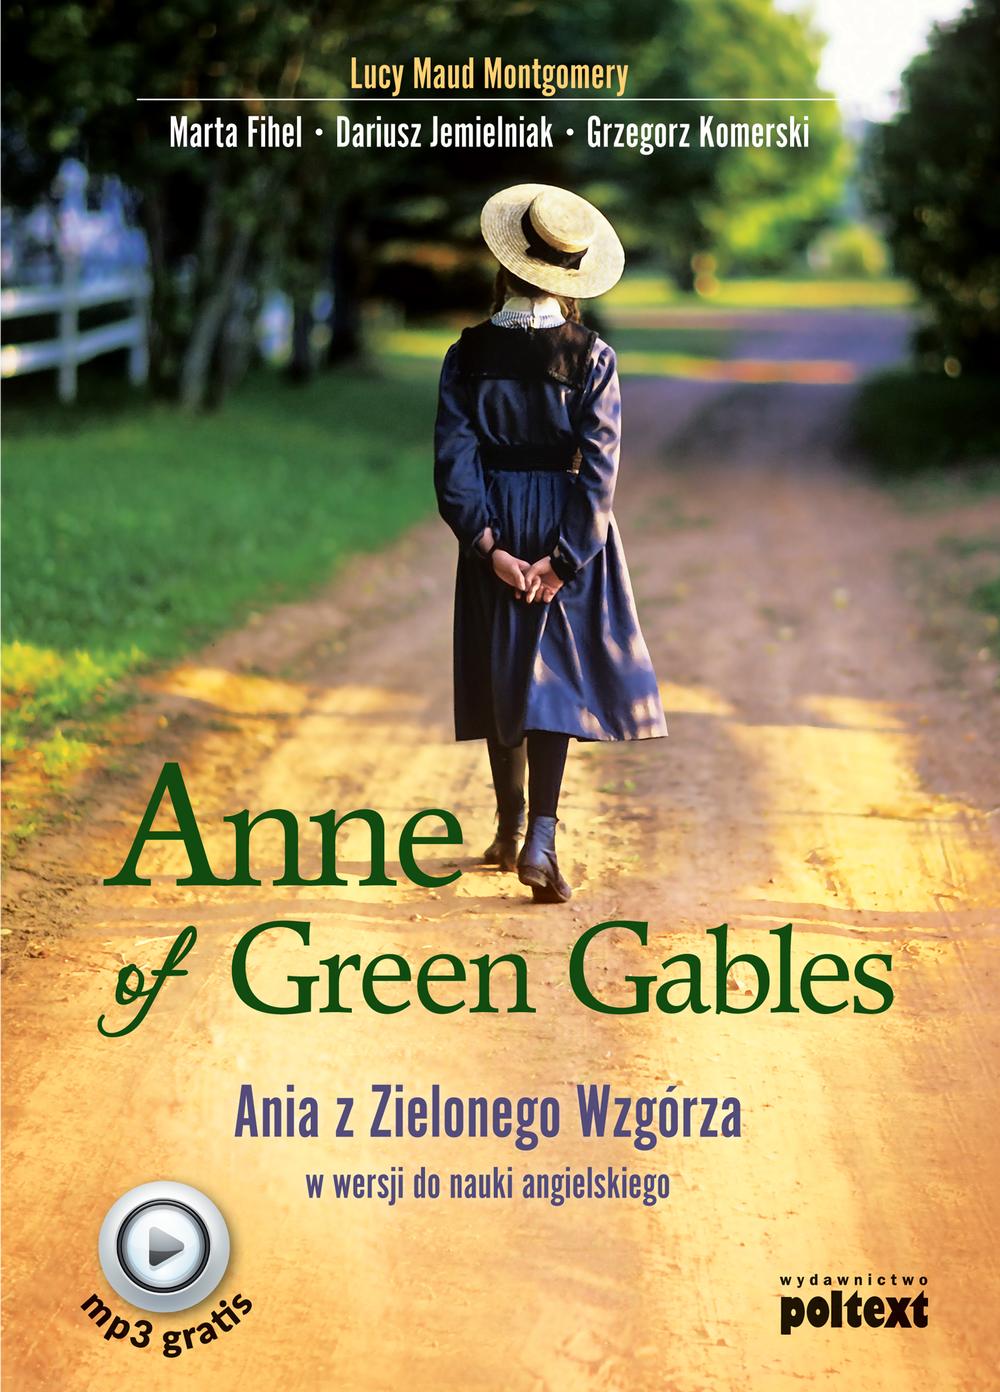 Anne of Green Gables. Ania z Zielonego Wzgórza... - LUCY MAUD MONTGOMERY